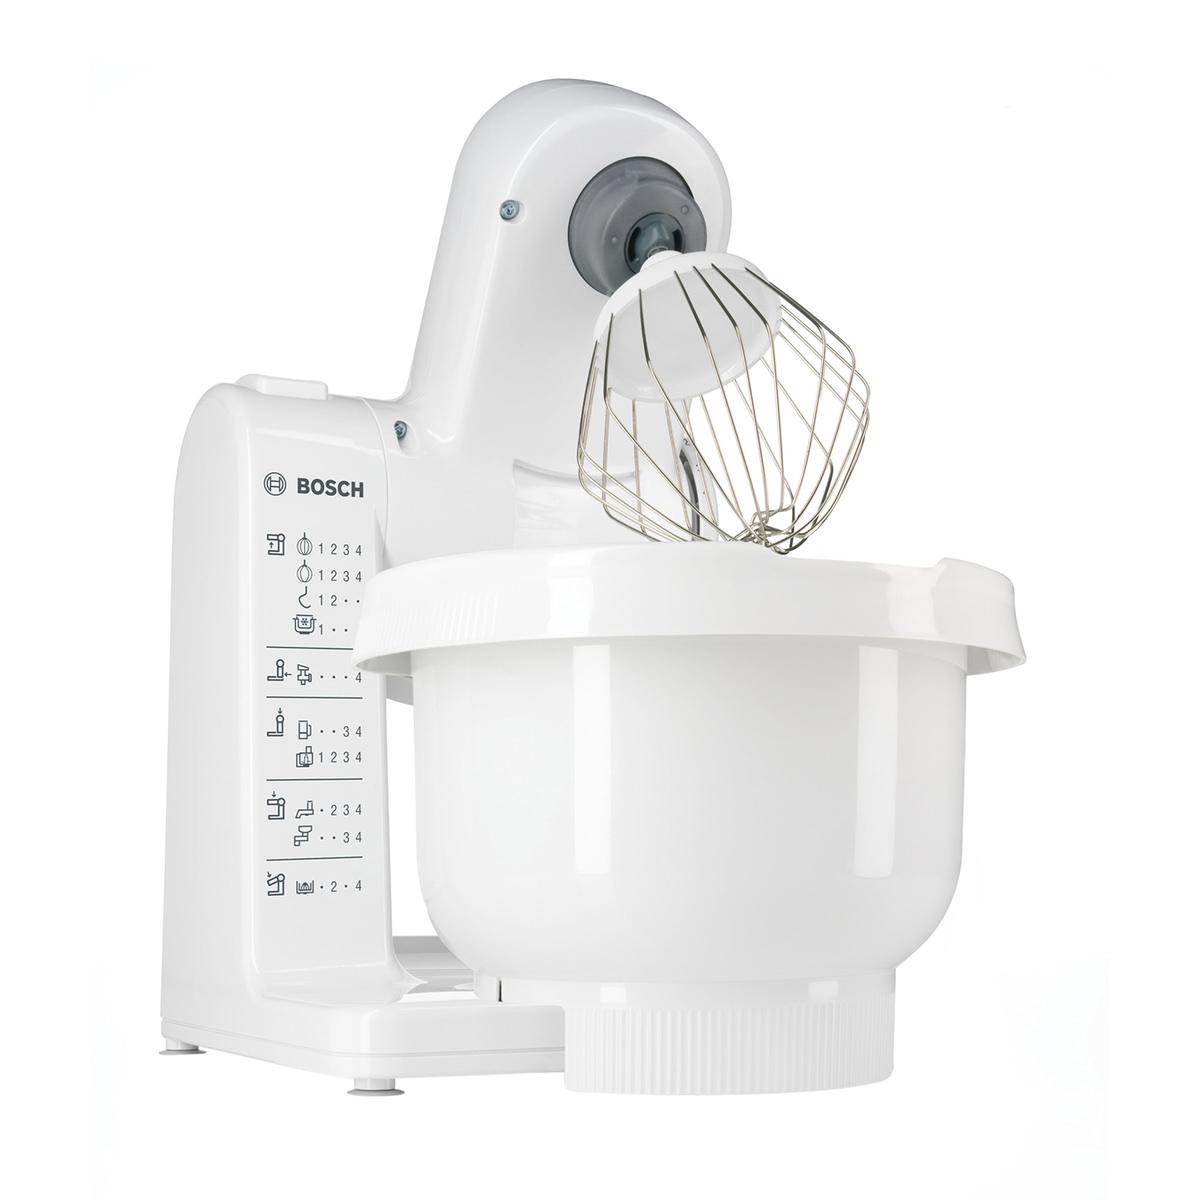 Bosch Küchenmaschine MUM4405 jetzt im KODi Onlineshop kaufen – Alles ...